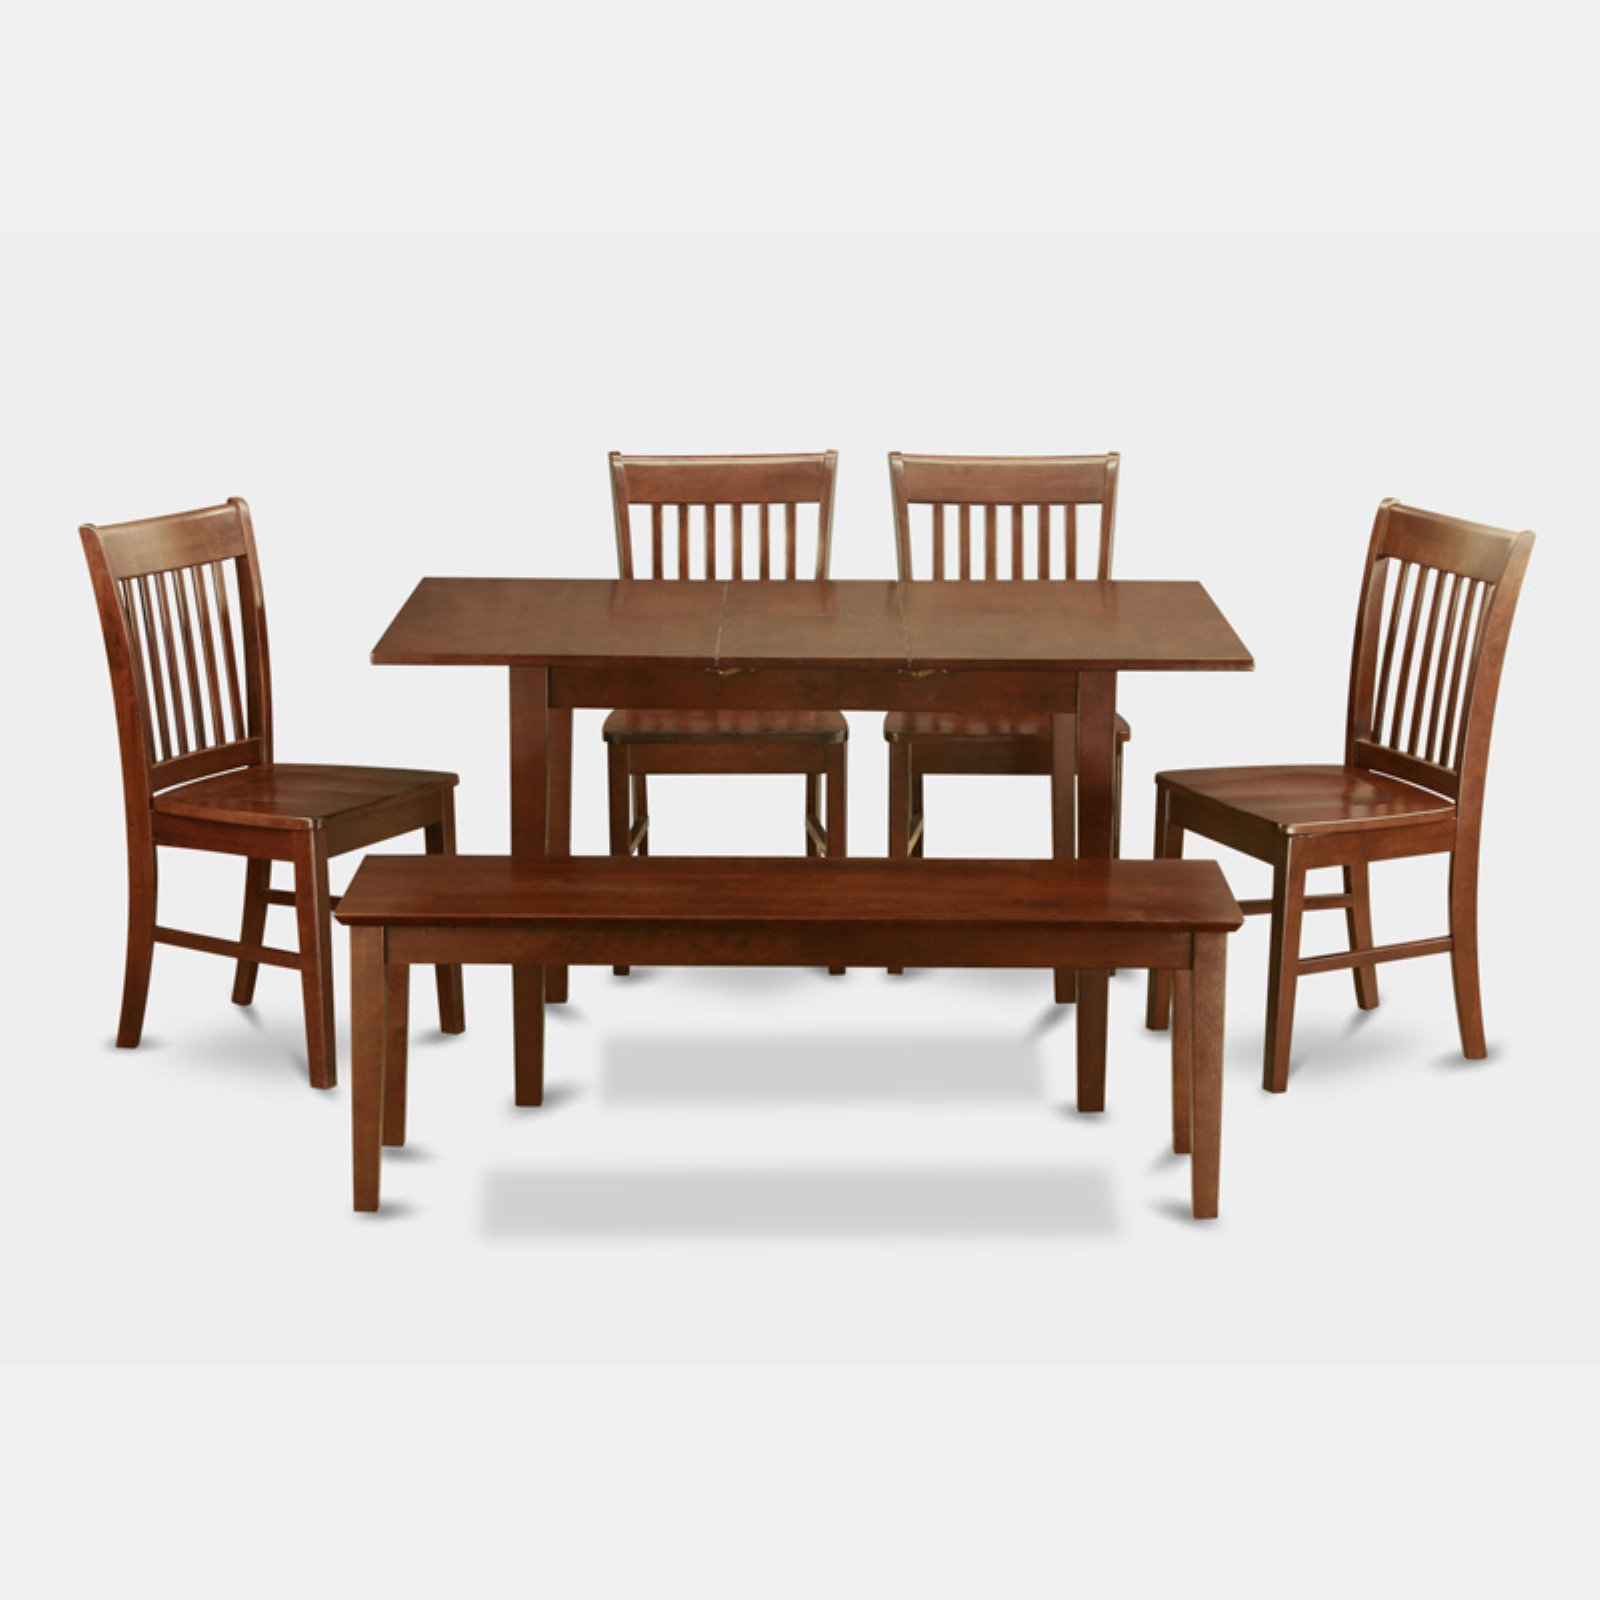 East West Furniture Norfolk 6 Piece Slat Back Dining Table Set